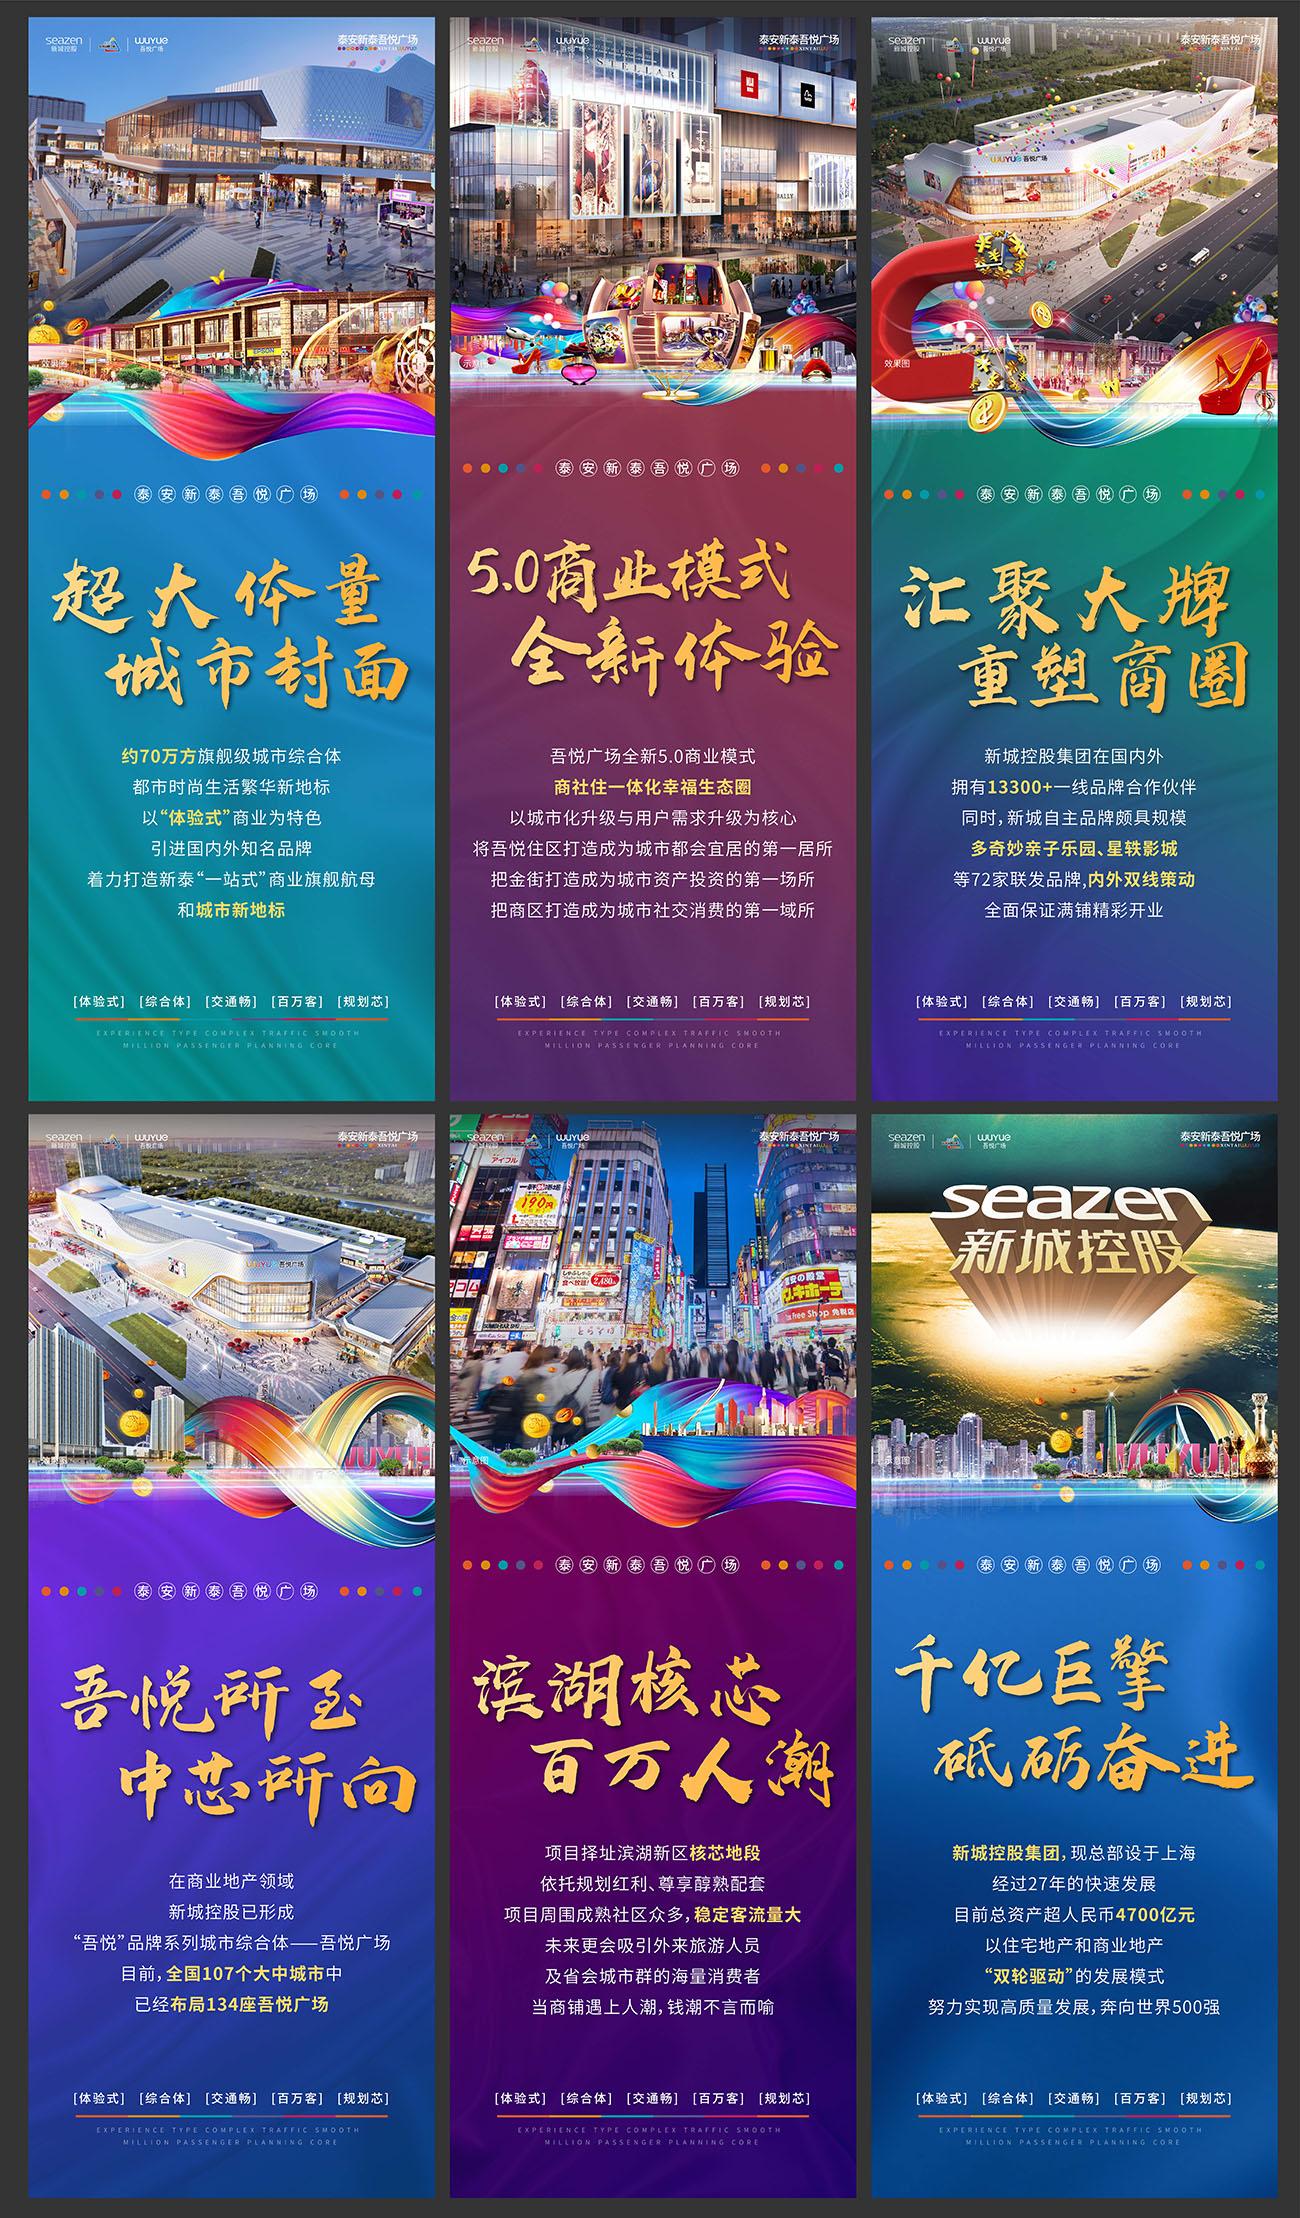 商铺招商宣传系列海报水牌AI源文件插图